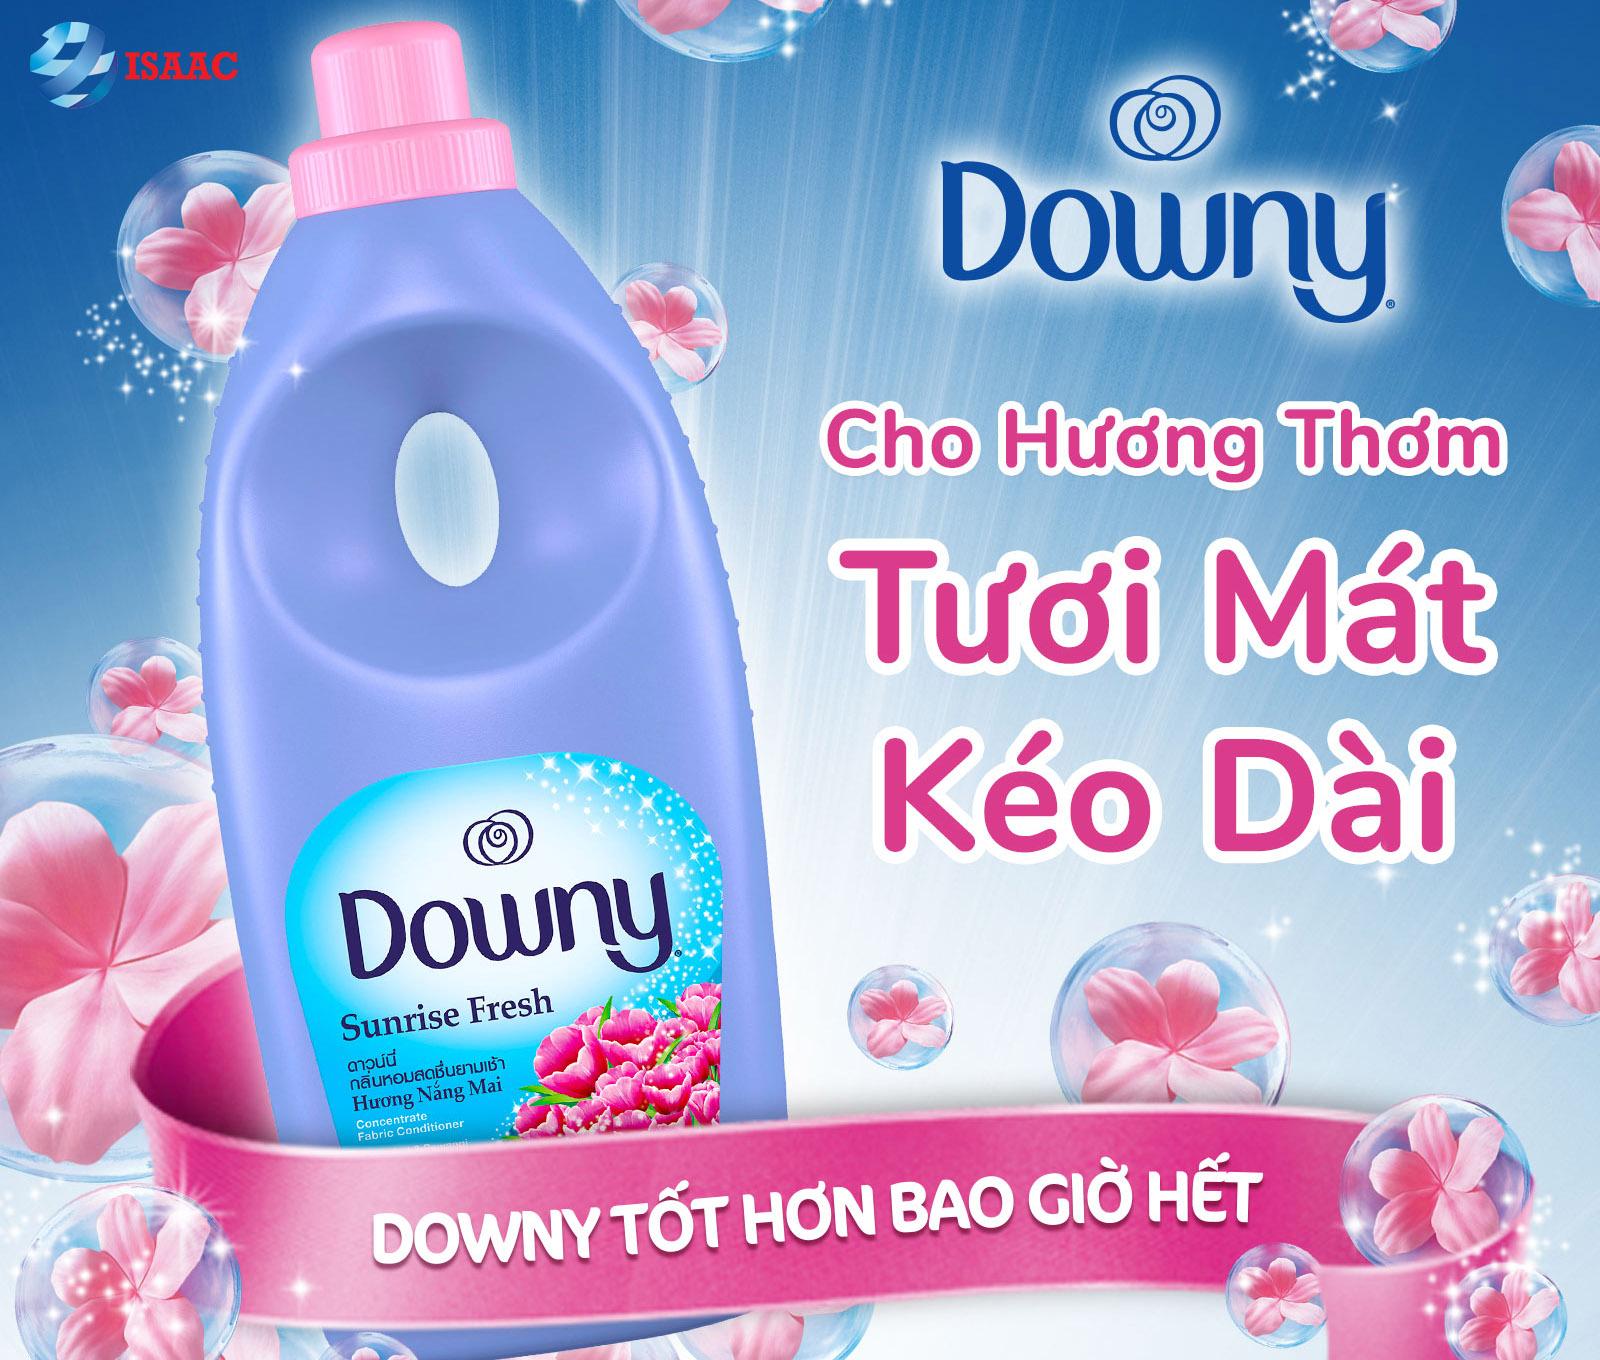 Nước giặt Downy hương hoa thơm ngát